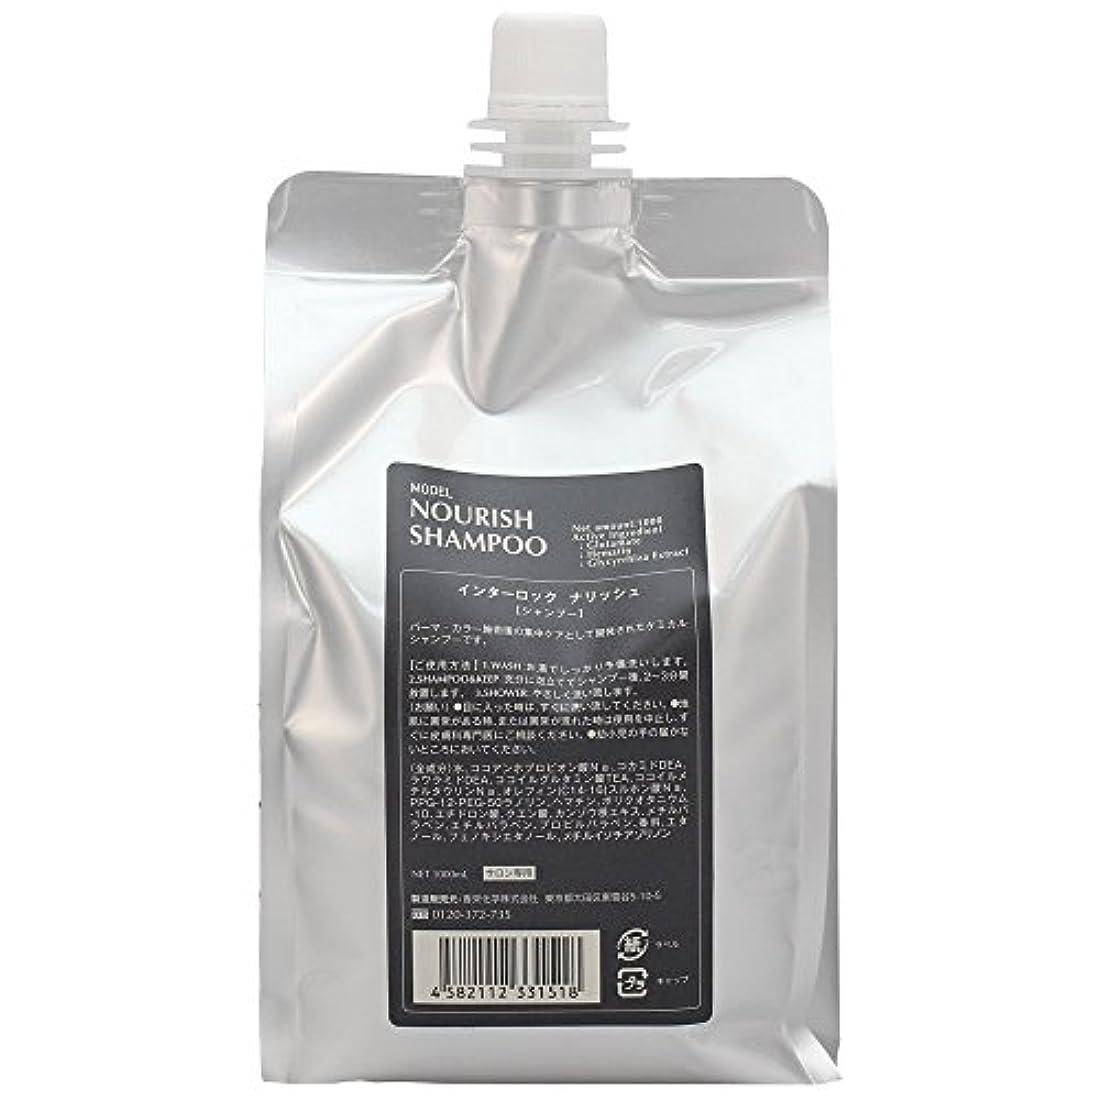 摩擦ライラック改善香栄化学 ナリッシュシャンプー レフィル 1000ml